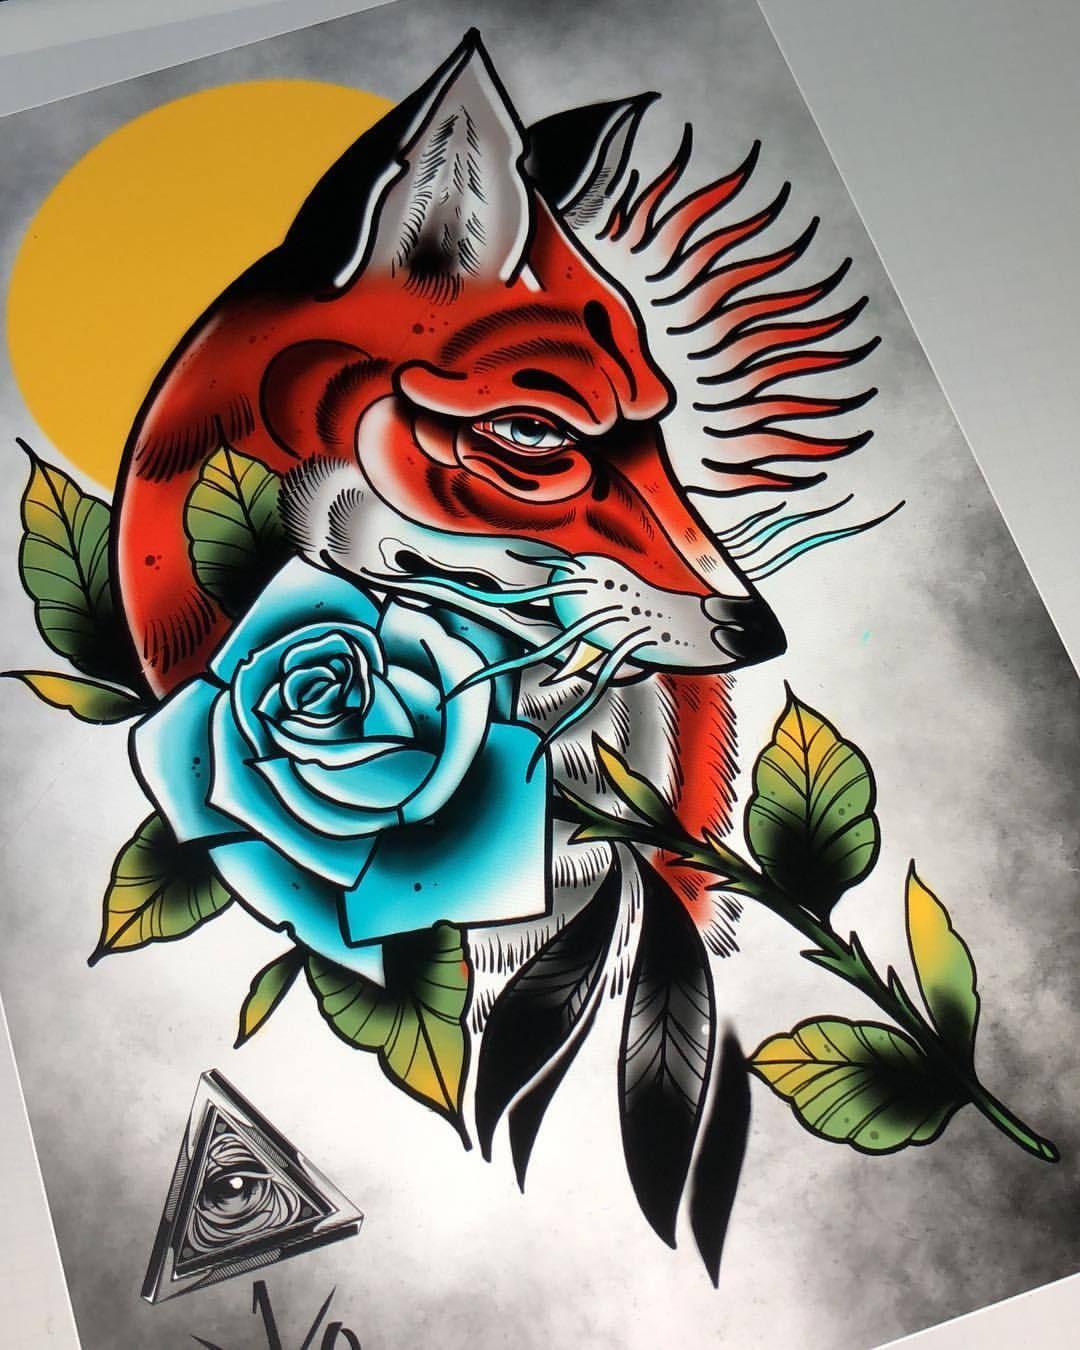 Bocetos De Tatuajes Tradicionales sonar 1091 design | tatuajes de rosa tradicionales, diseño